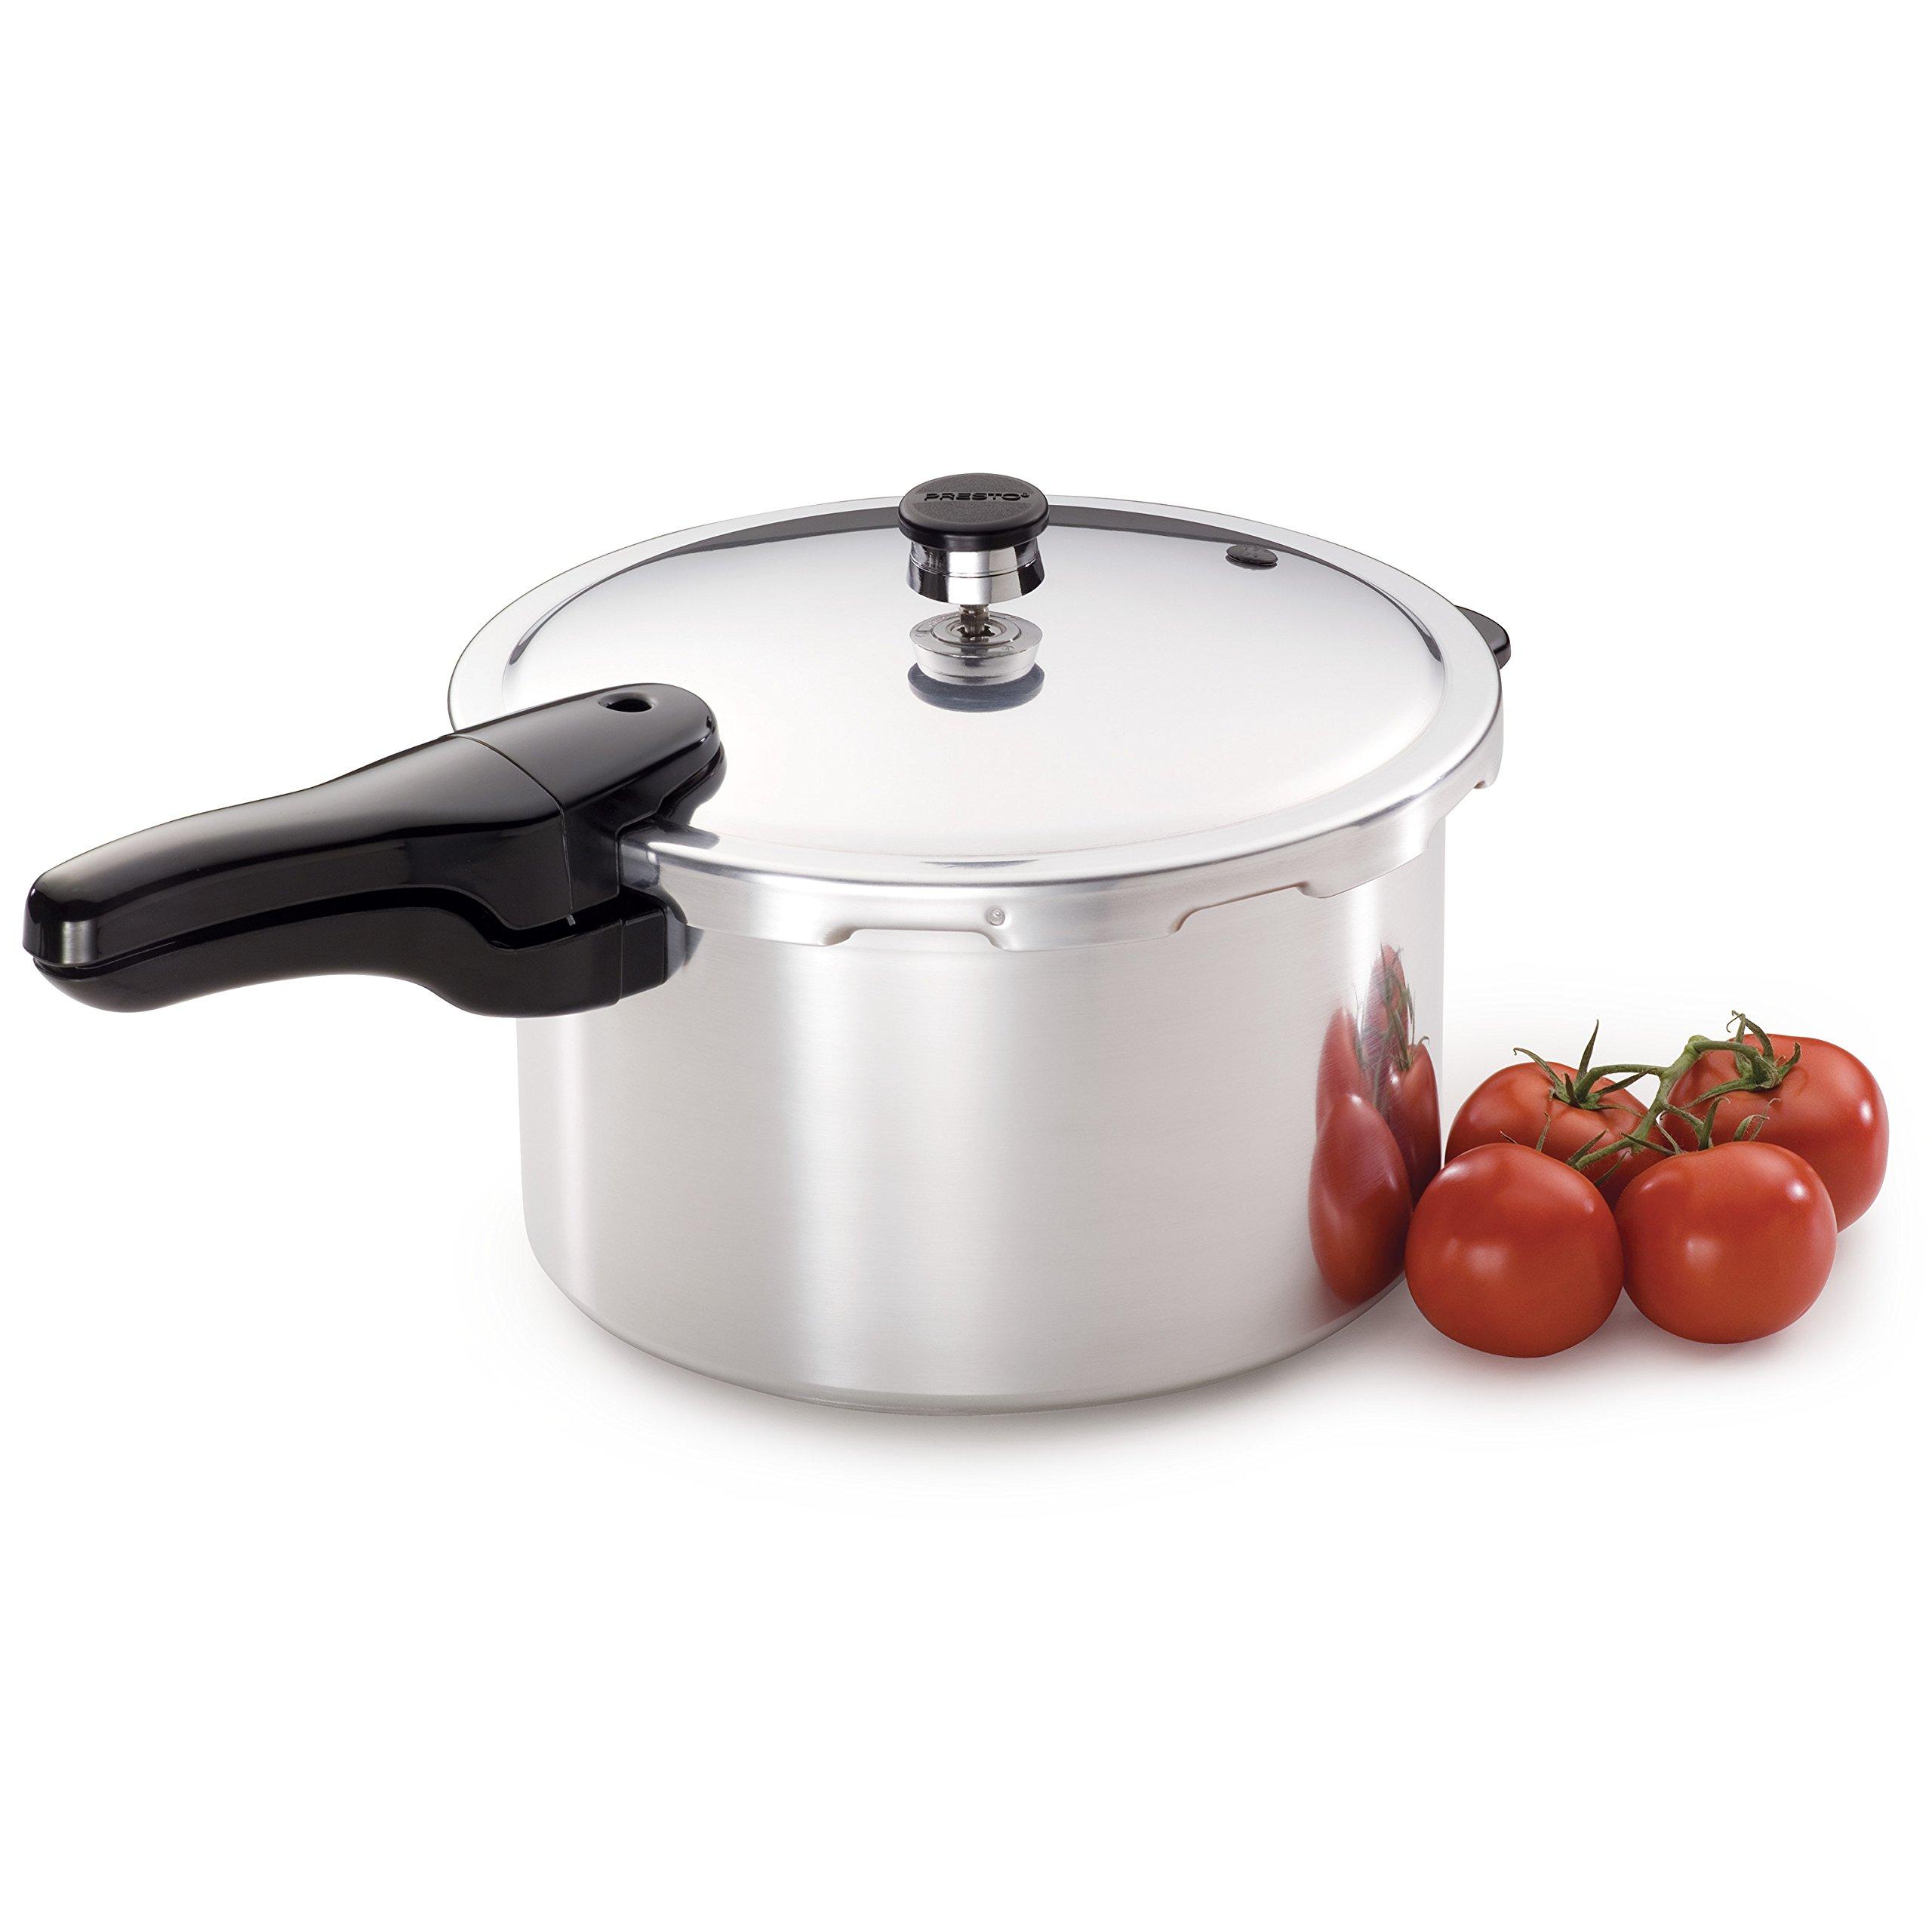 Presto 01282 8-Quart Aluminum Pressure Cooker by Presto (Image #3)